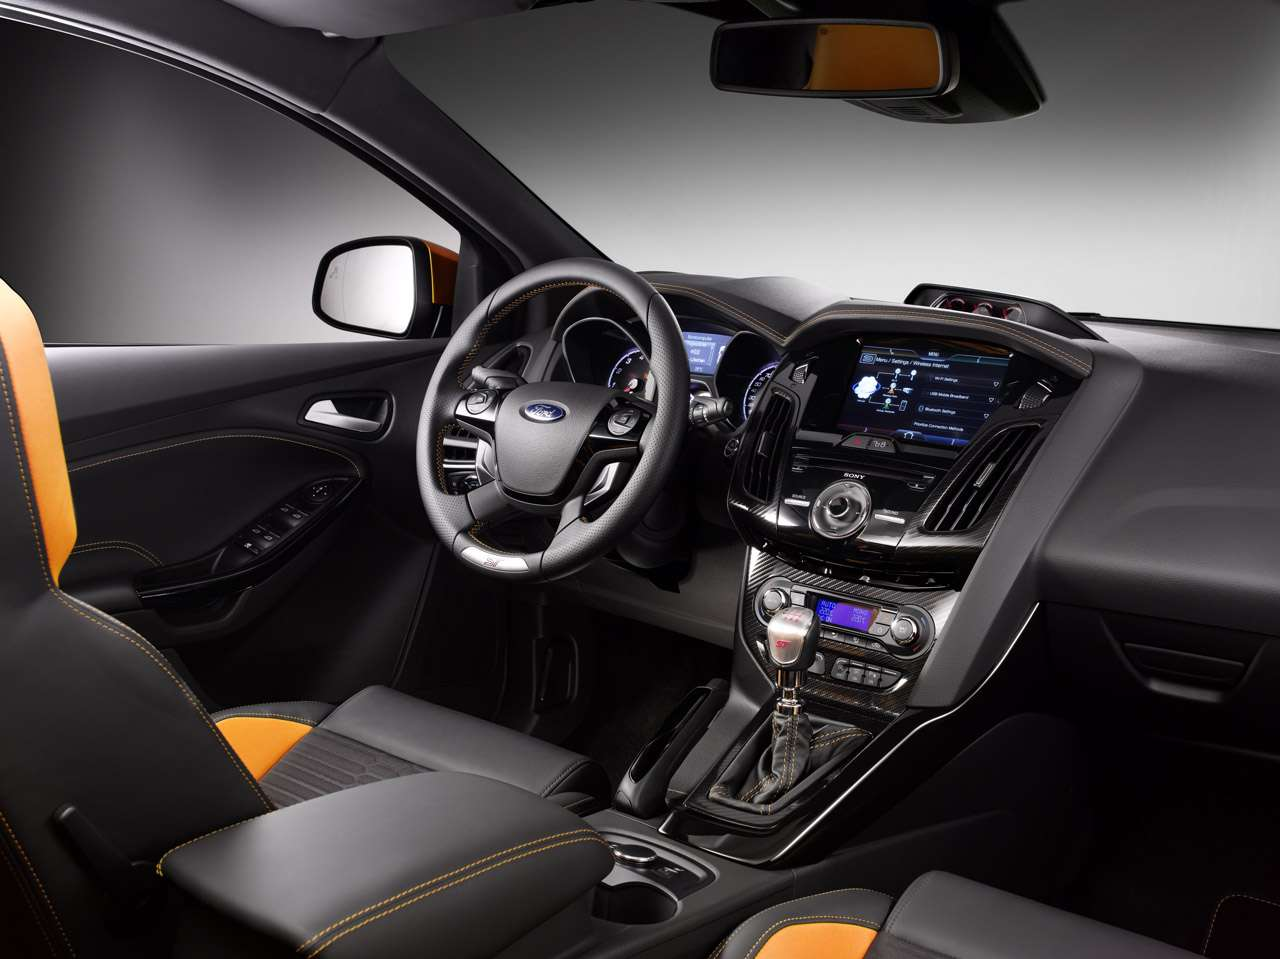 Ford Focus ST 2012 autoblog wrzesien 2010